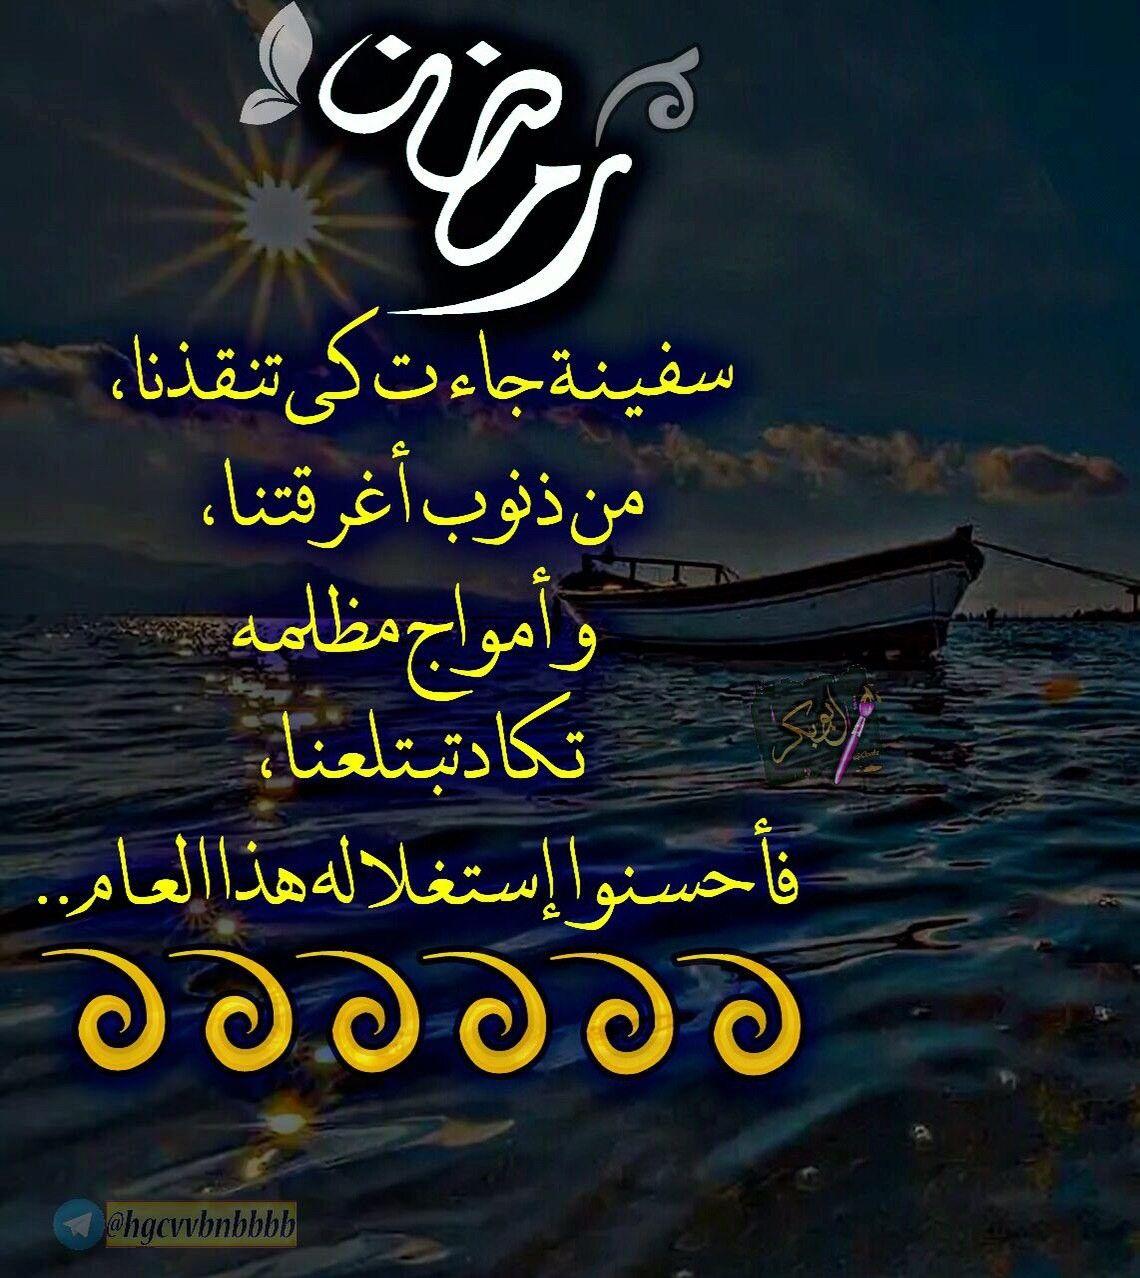 اللهم كما بلغتنا أوله بلغنا تمامه وتقبل منا الصيام والقيام وصالح الأعمال رمضان Arabic Quotes Poster Quotes